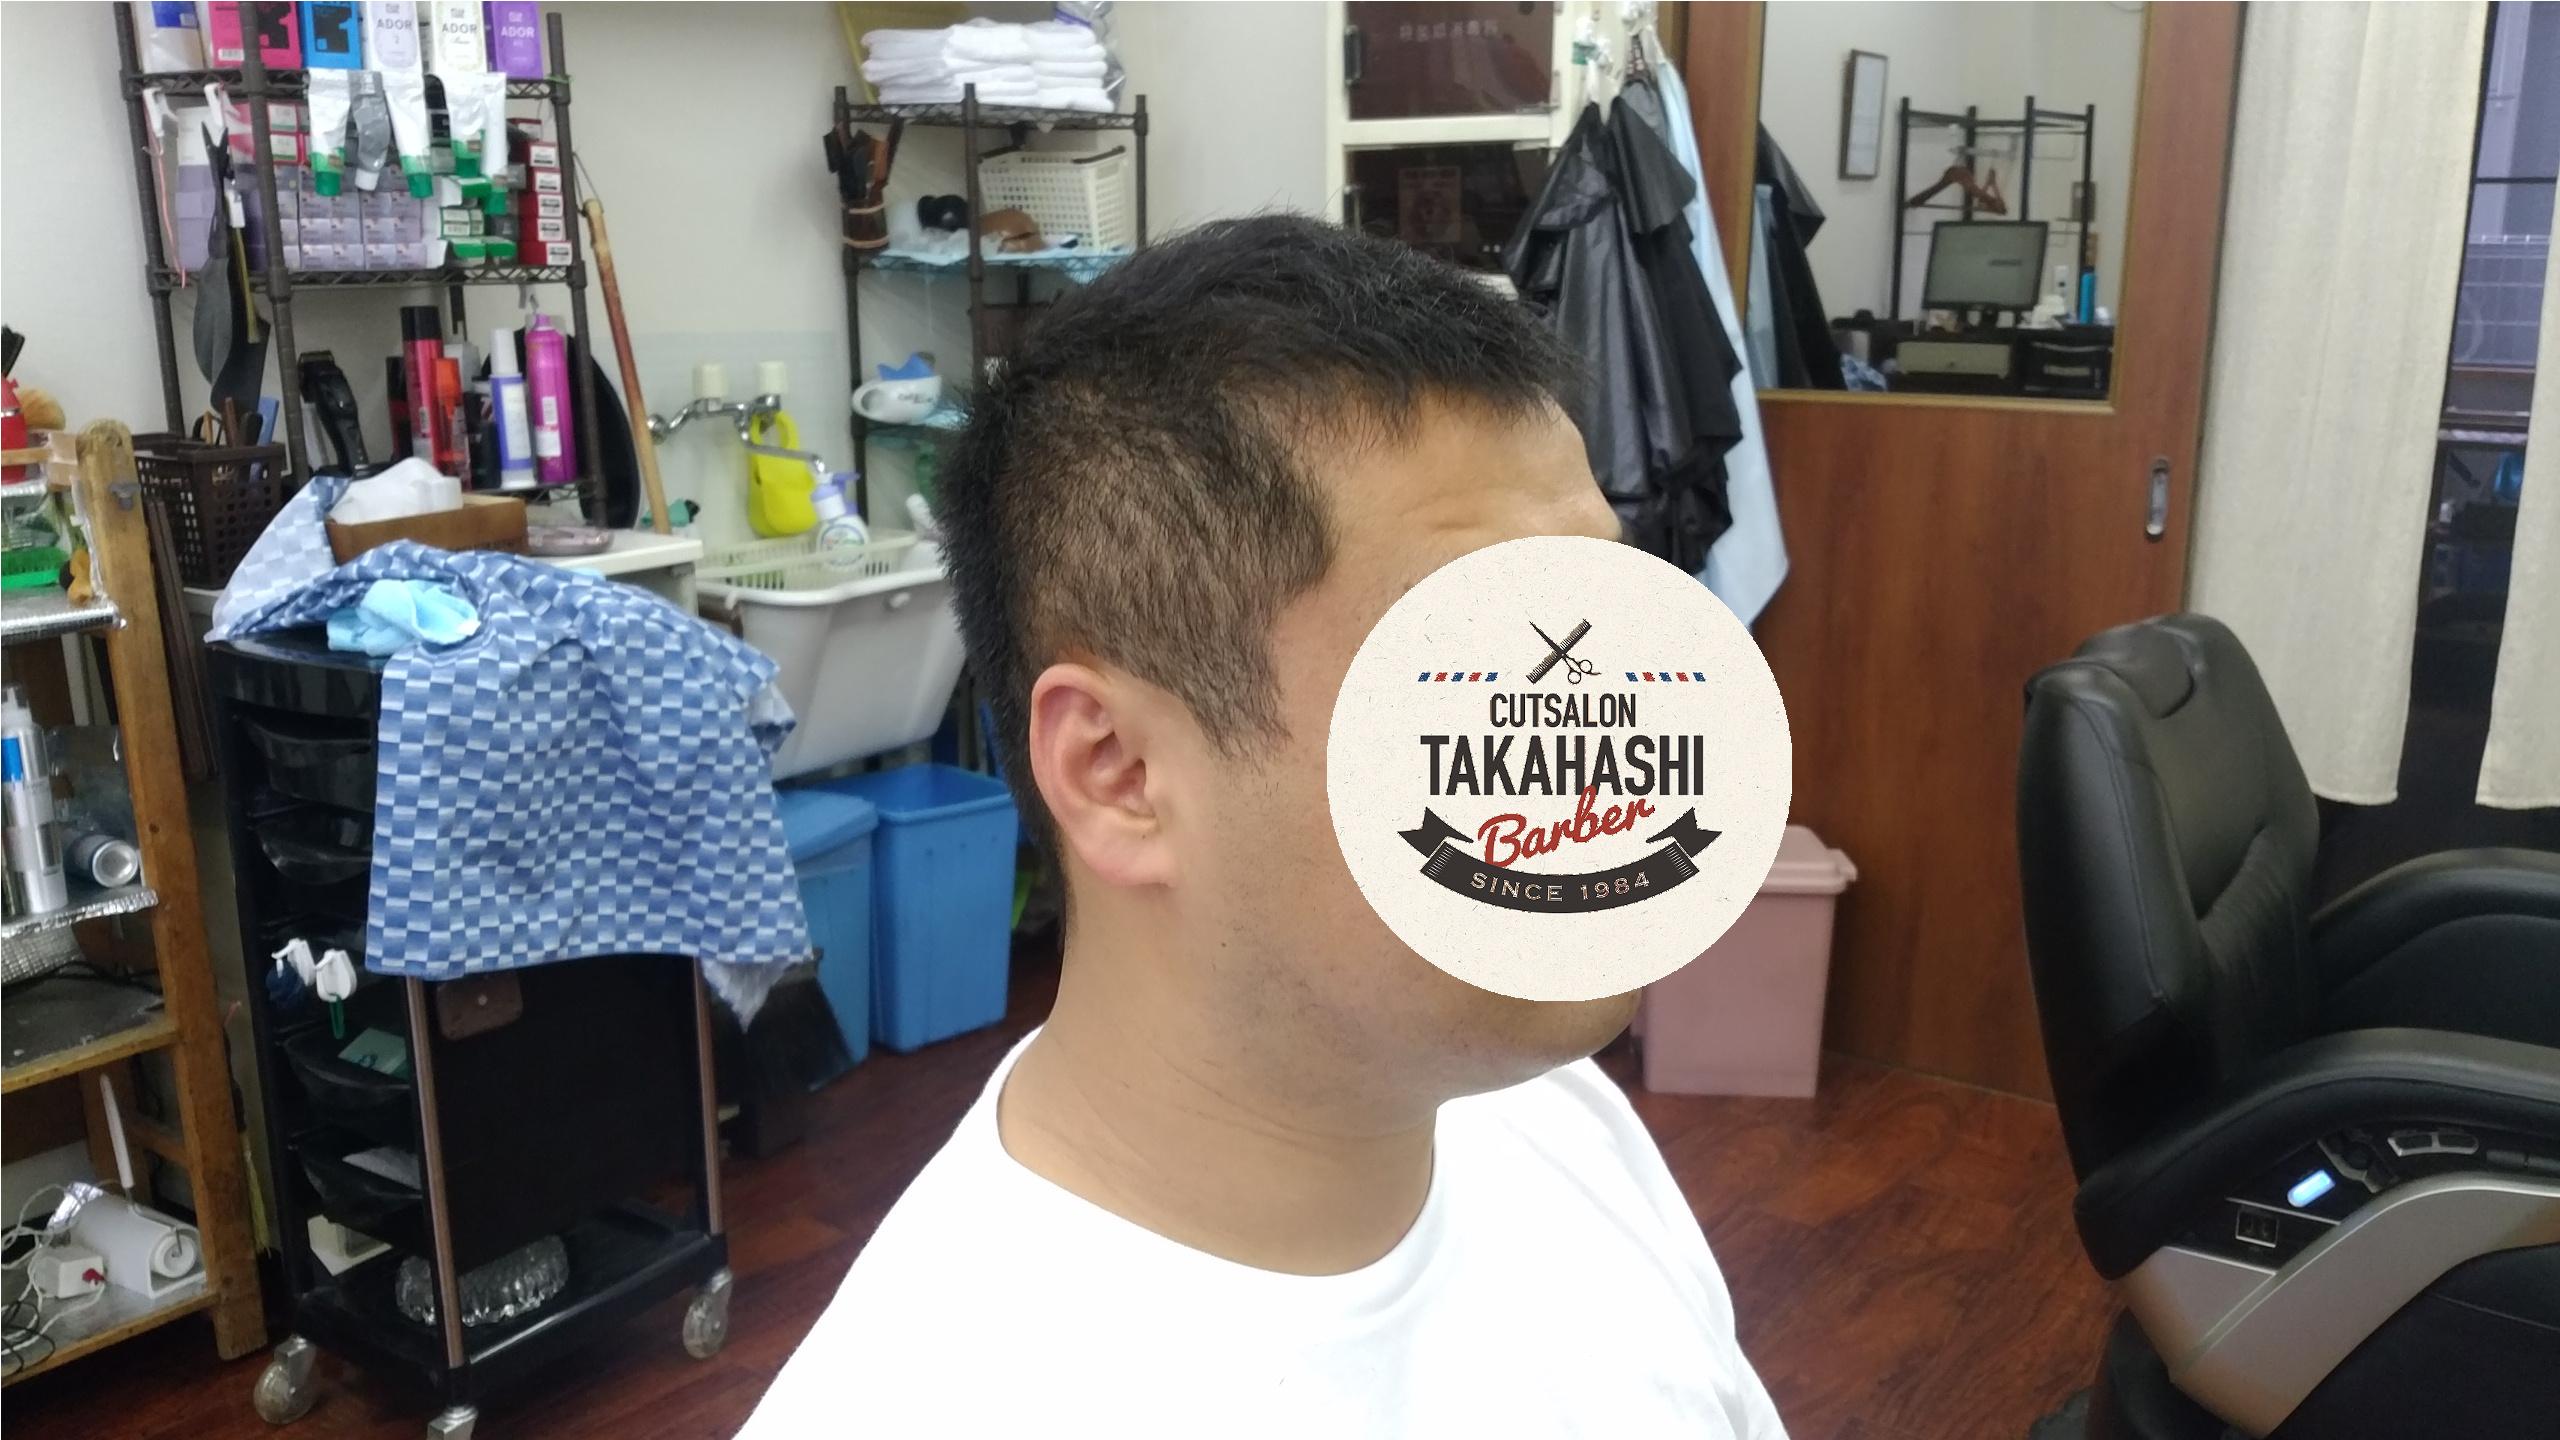 綾瀬駅理容室メンズカット・刈り上げスタイル!